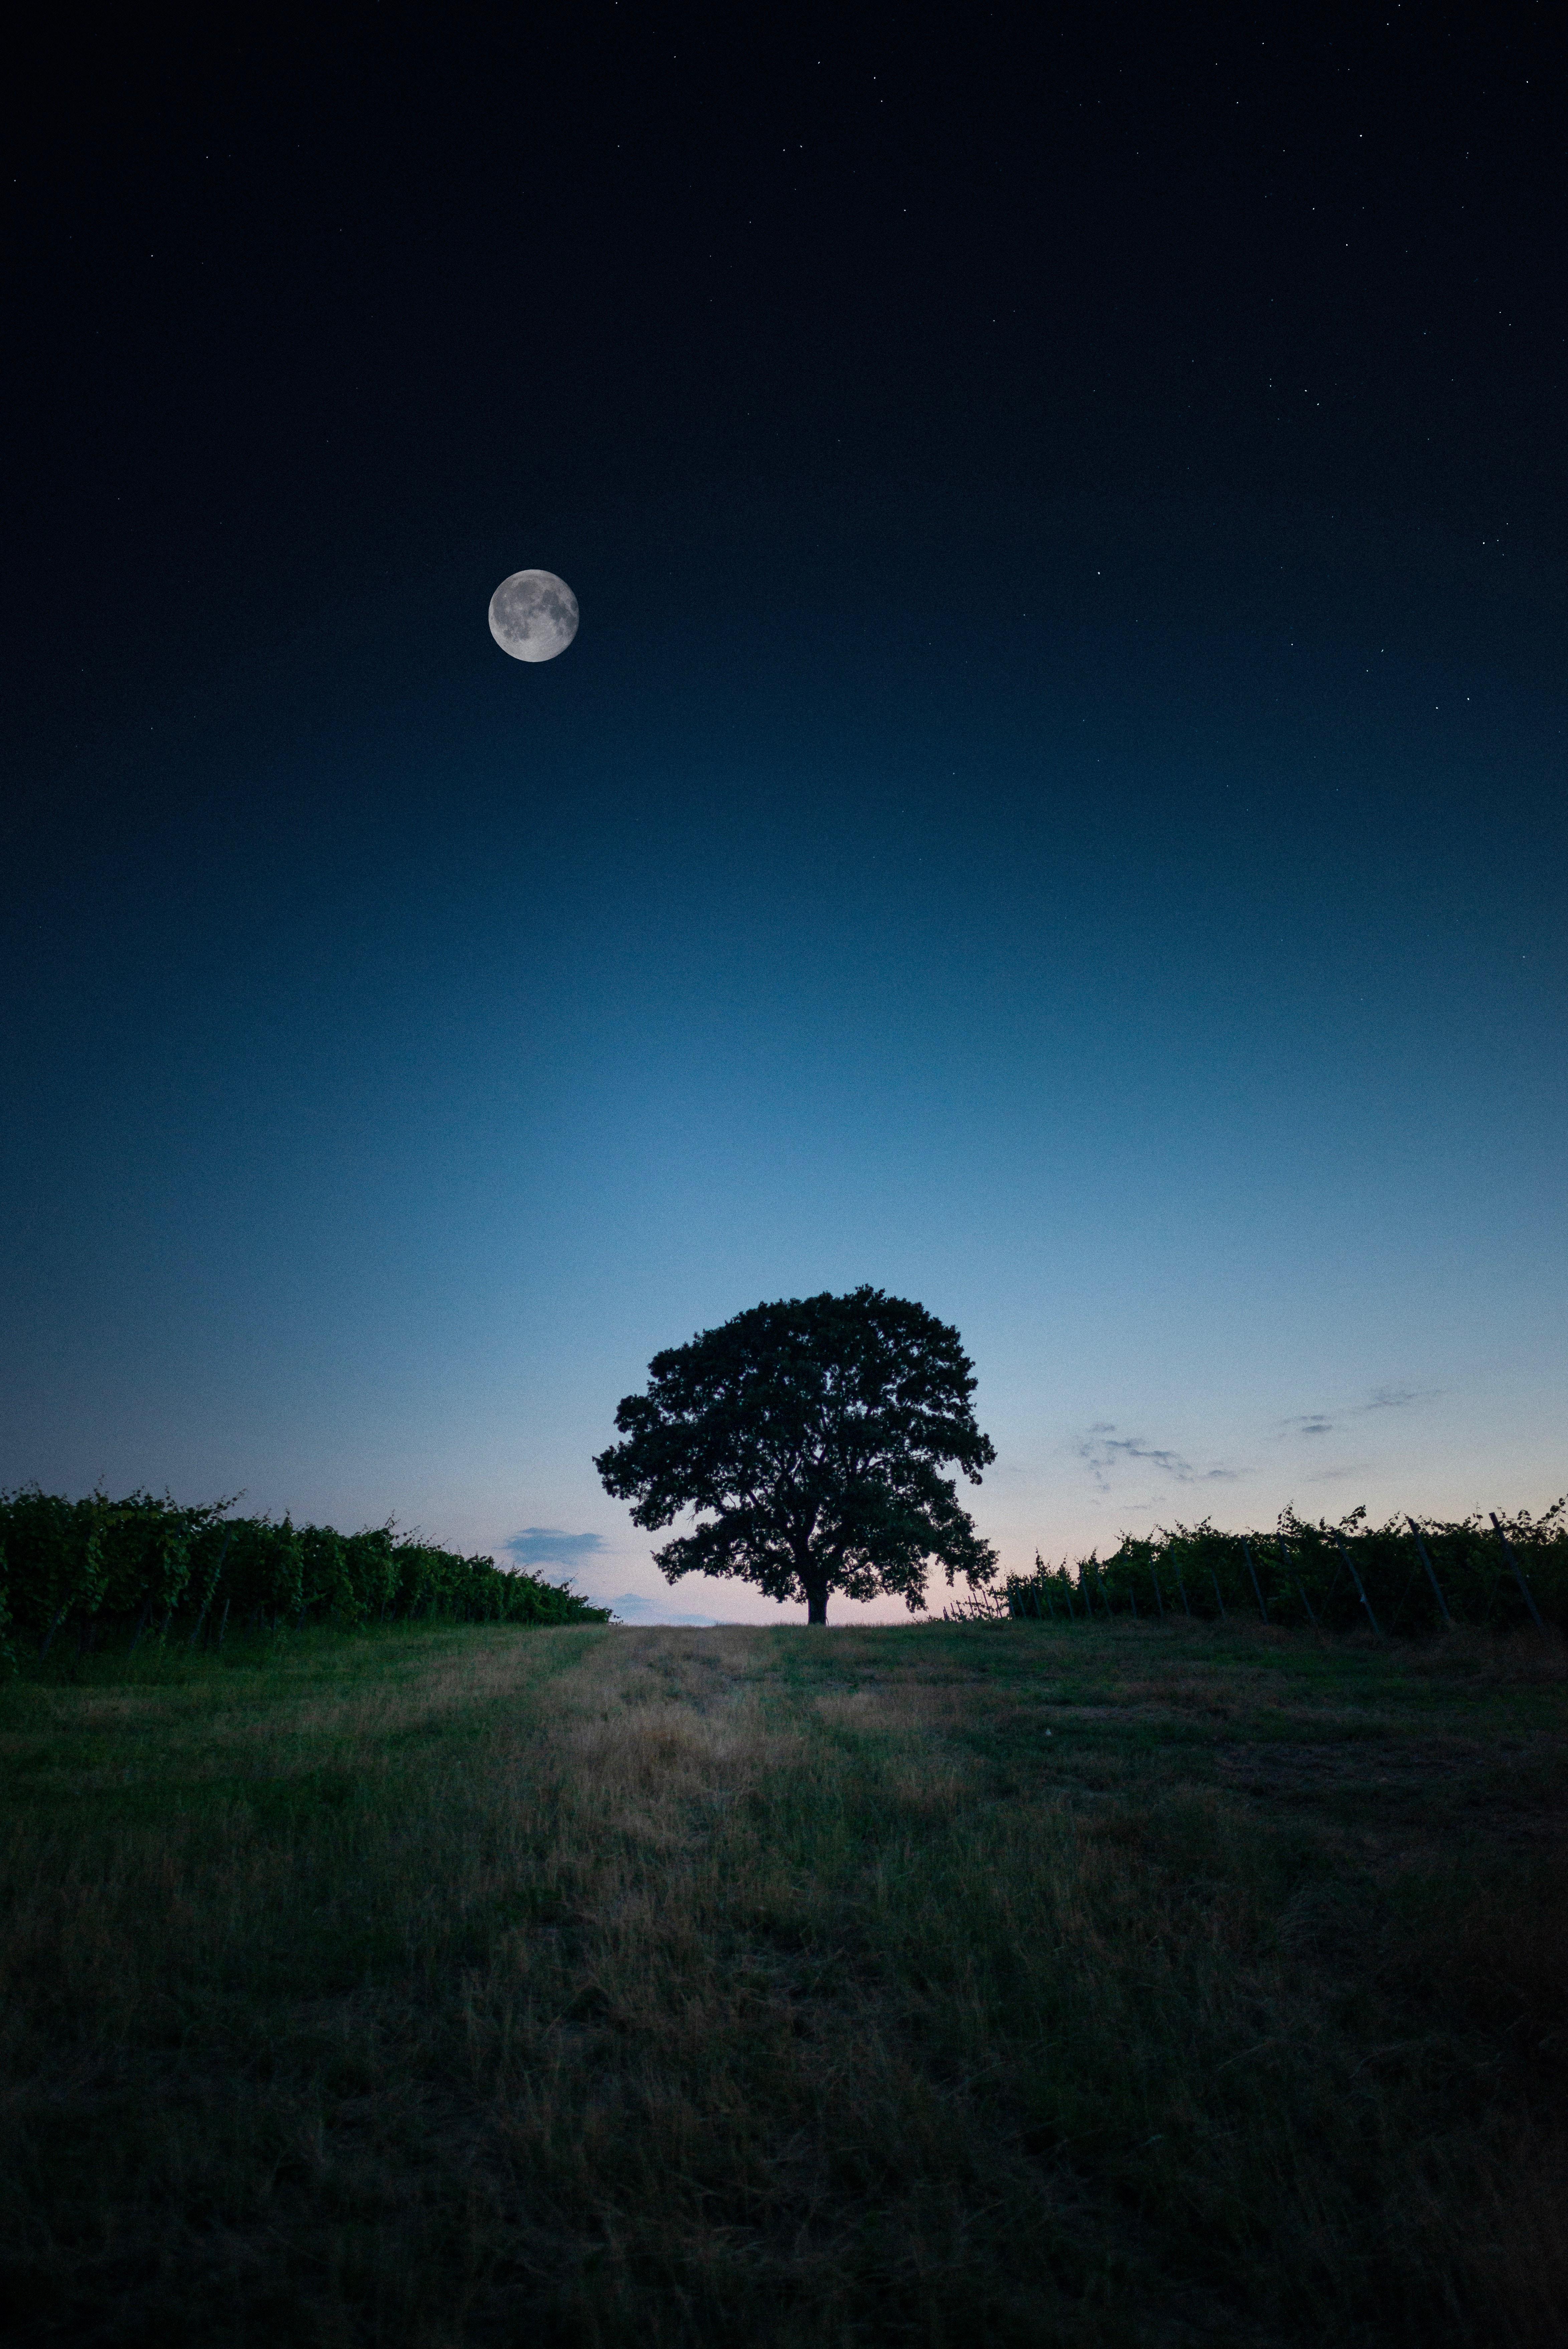 Популярные картинки Дерево в HD качестве